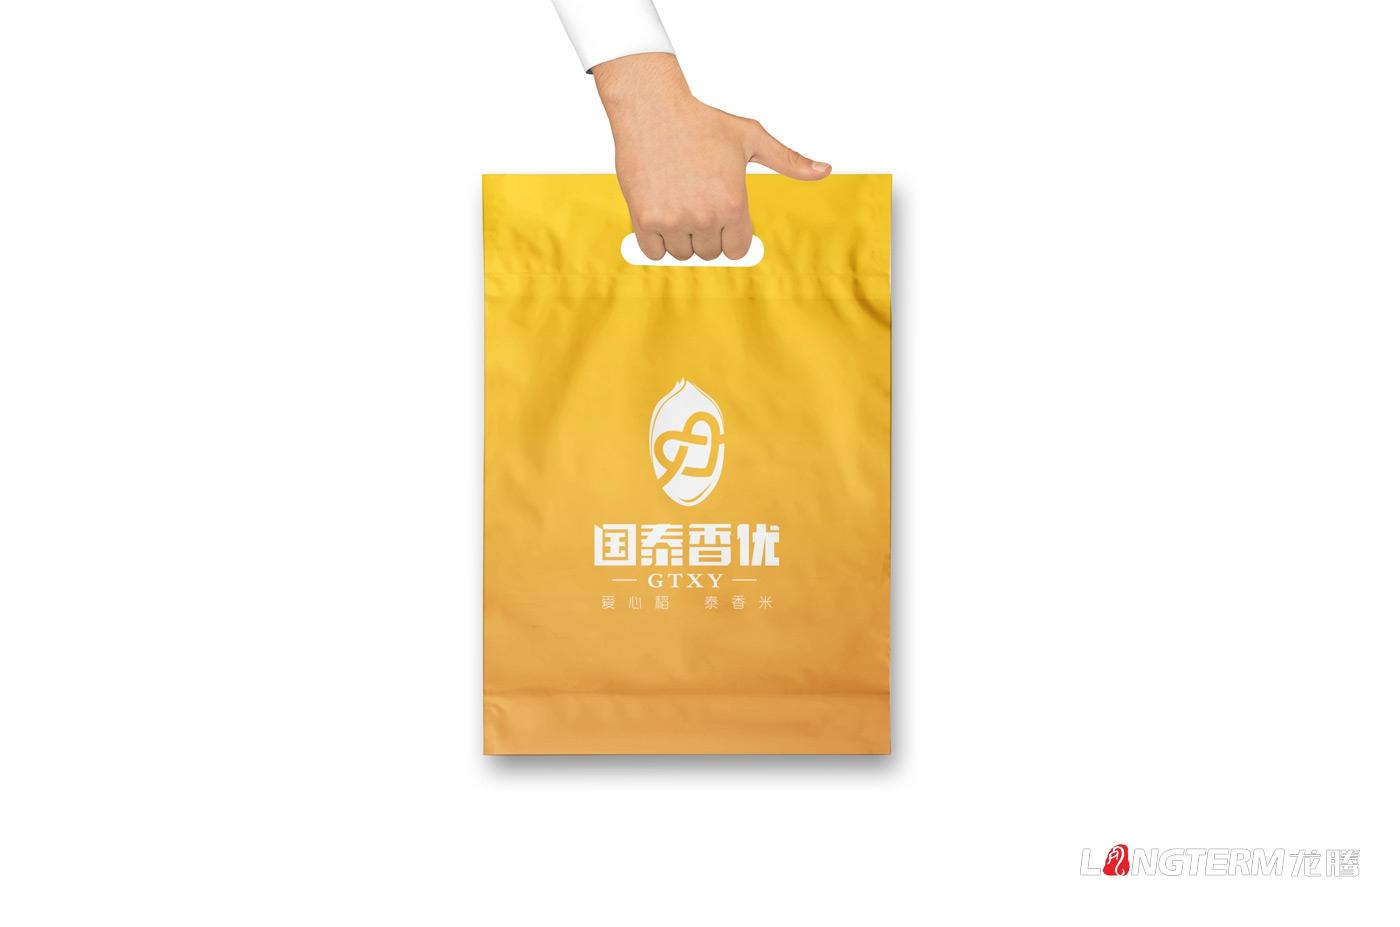 国泰香优种业品牌VI设计_四川众智种业科技有限公司视觉形象LOGO设计